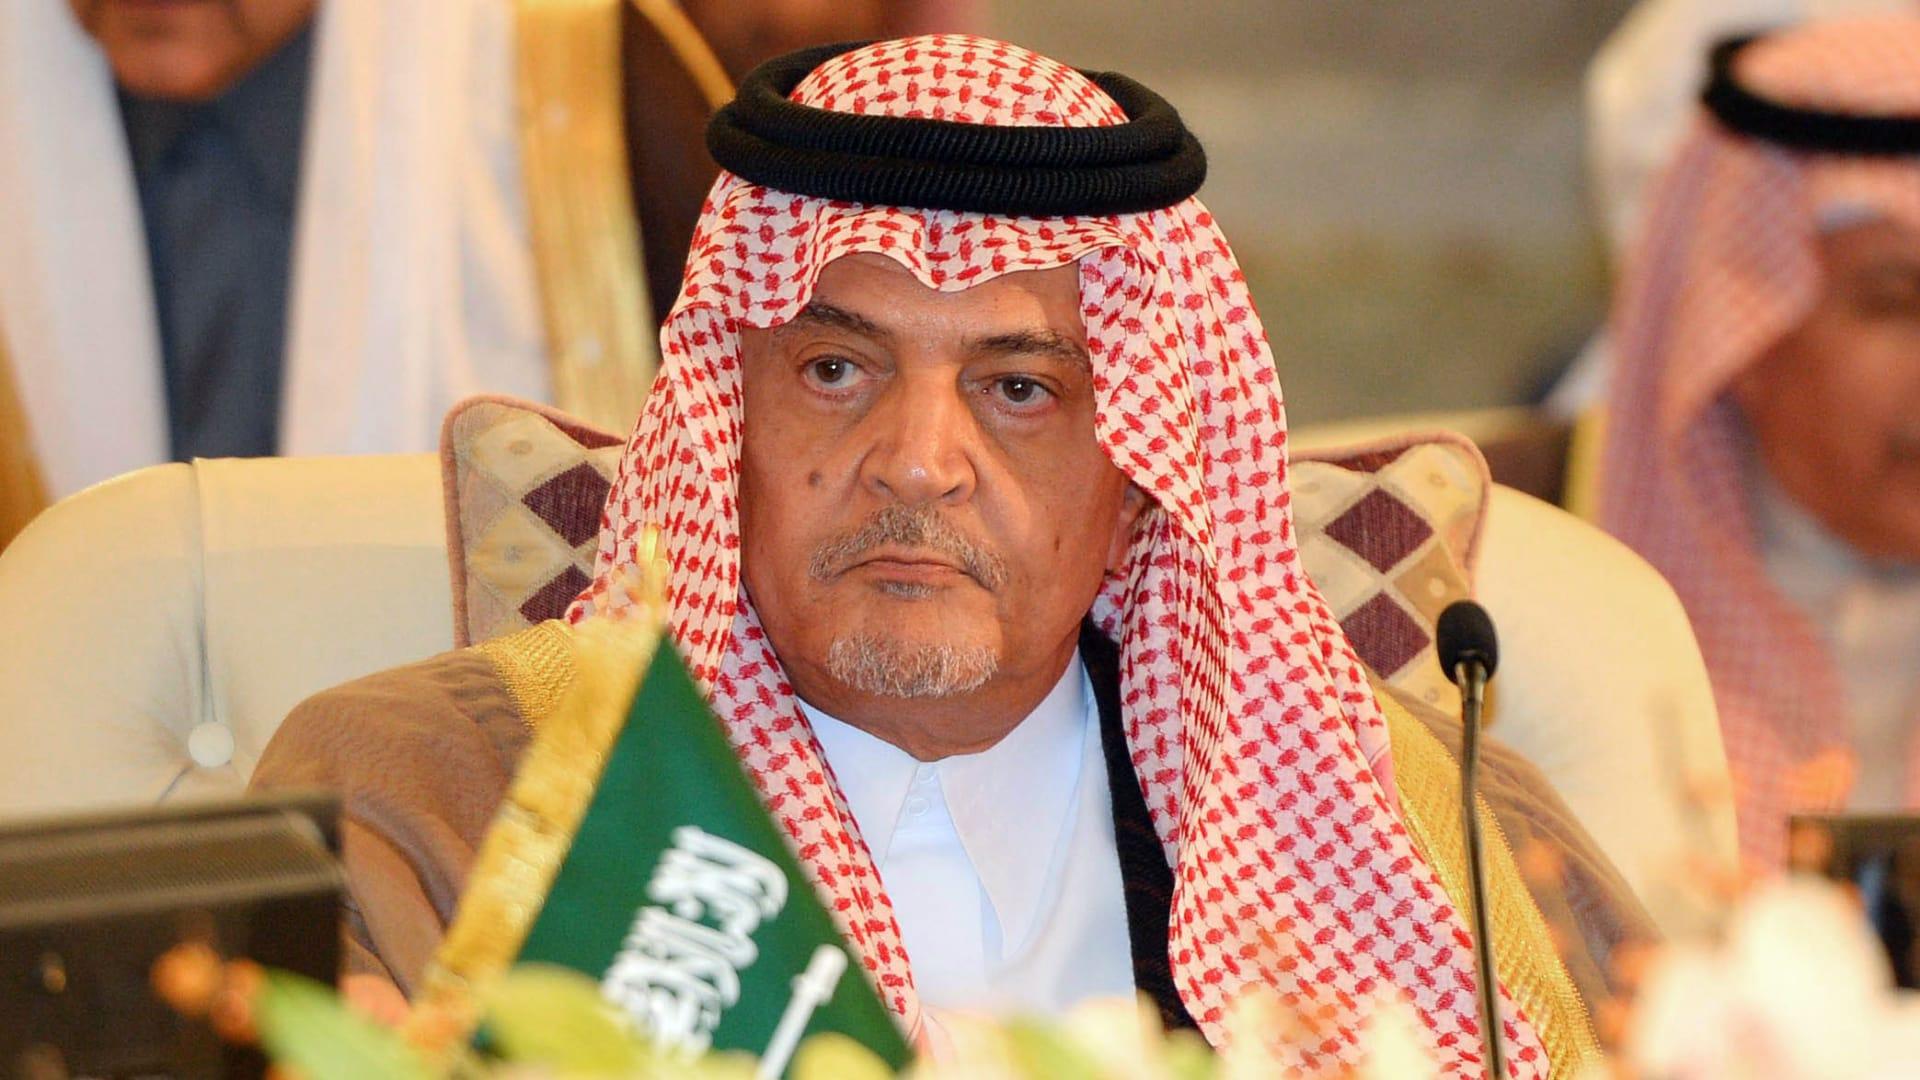 وزير خارجية السعودية الأسبق سعود الفيصل يبرز بتويتر.. وهذا ما قاله مغردون